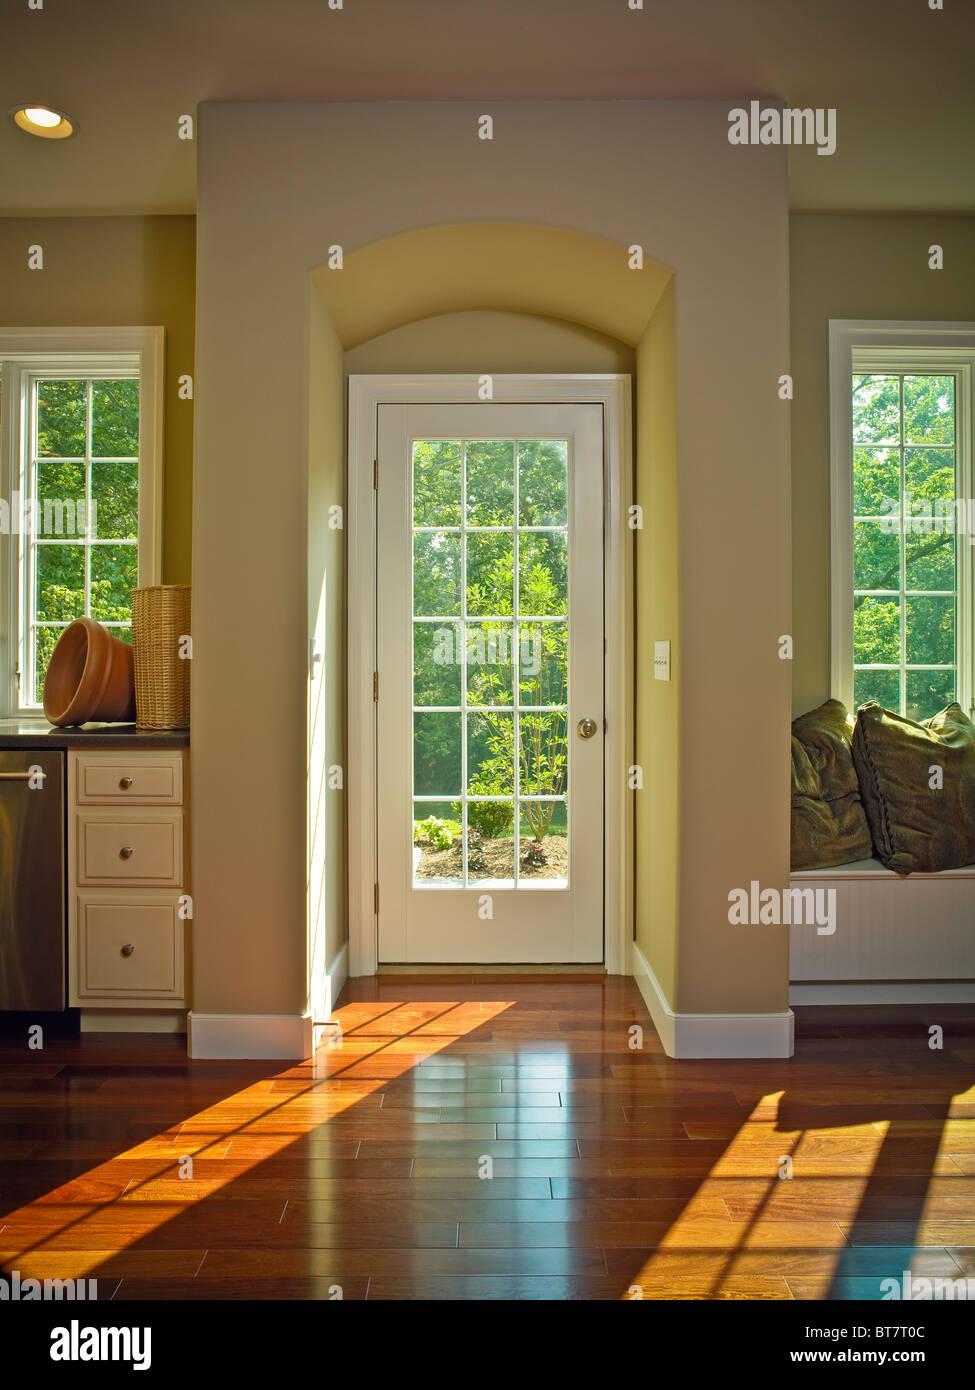 Room French Door Alcove Window Hardwood Floor Shadows Flooring   Stock Image